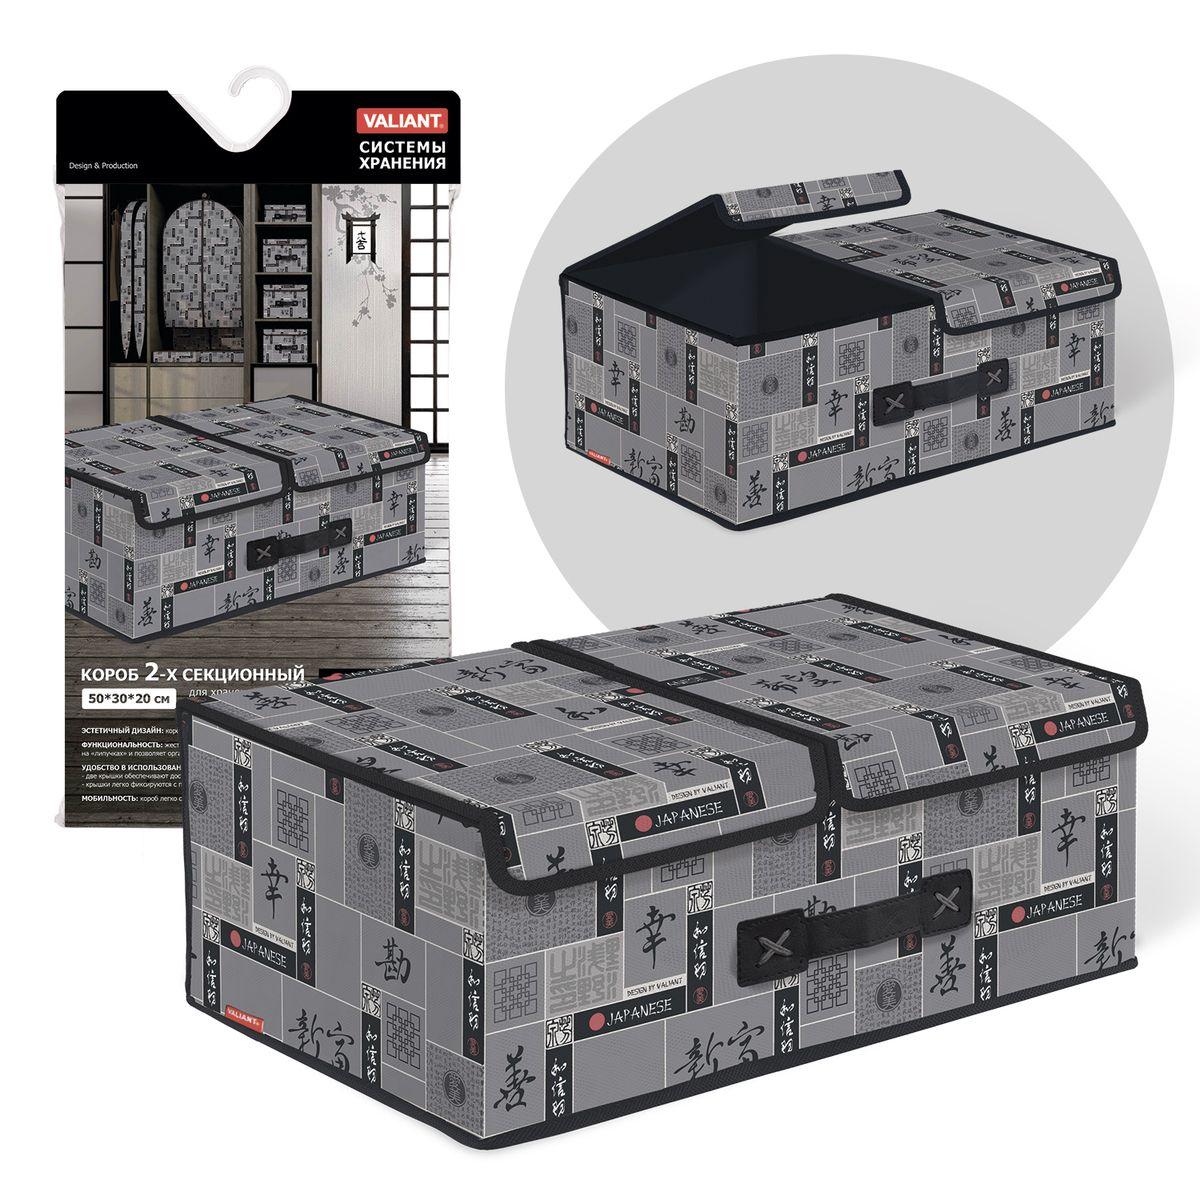 Короб стеллажный Valiant Japanese Black, двухсекционный, 50 х 30 х 20 см10503Стеллажный короб Valiant Japanese Black изготовлен из высококачественного нетканого материала, который обеспечивает естественную вентиляцию, позволяя воздуху проникать внутрь, но не пропускает пыль. Вставки из плотного картона хорошо держат форму. Короб снабжен двумя секциями и специальными крышками, которые фиксируются с помощью липучек. Изделие отличается мобильностью: легко раскладывается и складывается. В таком коробе удобно хранить одежду, белье и мелкие аксессуары. Красивый авторский дизайн прекрасно впишется в интерьер. Система хранения Japanese Black создаст трогательную атмосферу романтического настроения в женском гардеробе. Оригинальный дизайн придется по вкусу ценительницам эстетичного хранения. Системы хранения в едином дизайне сделают вашу гардеробную изысканной и невероятно стильной.